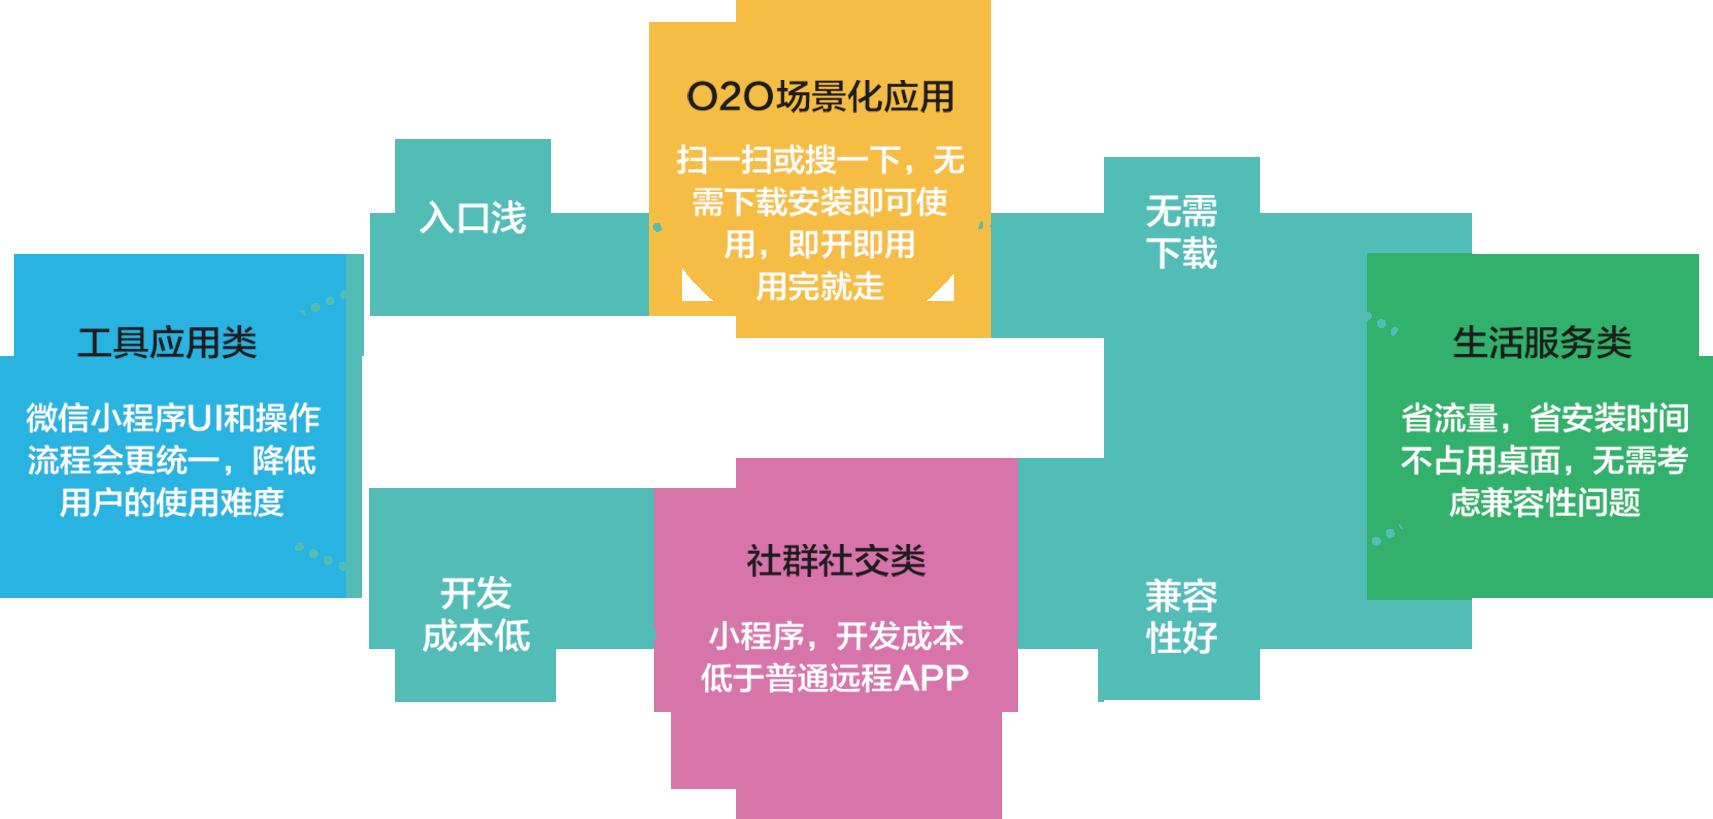 乐虎国际嵊灿网络科技有限公司